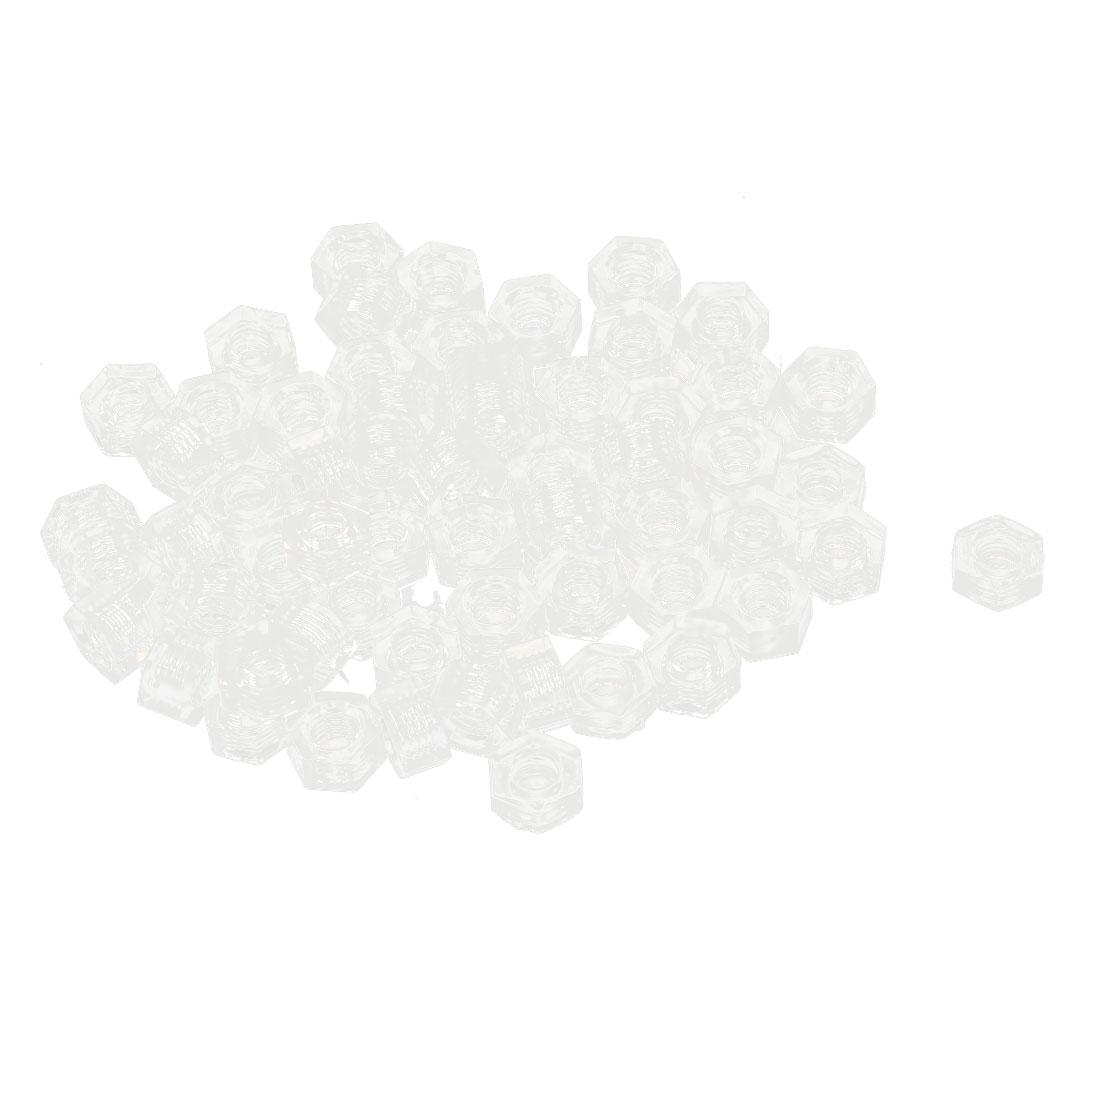 Metric M3 Nylon Hexagon Head Insert Lock Screw Fastener Hex Nuts Clear 100pcs